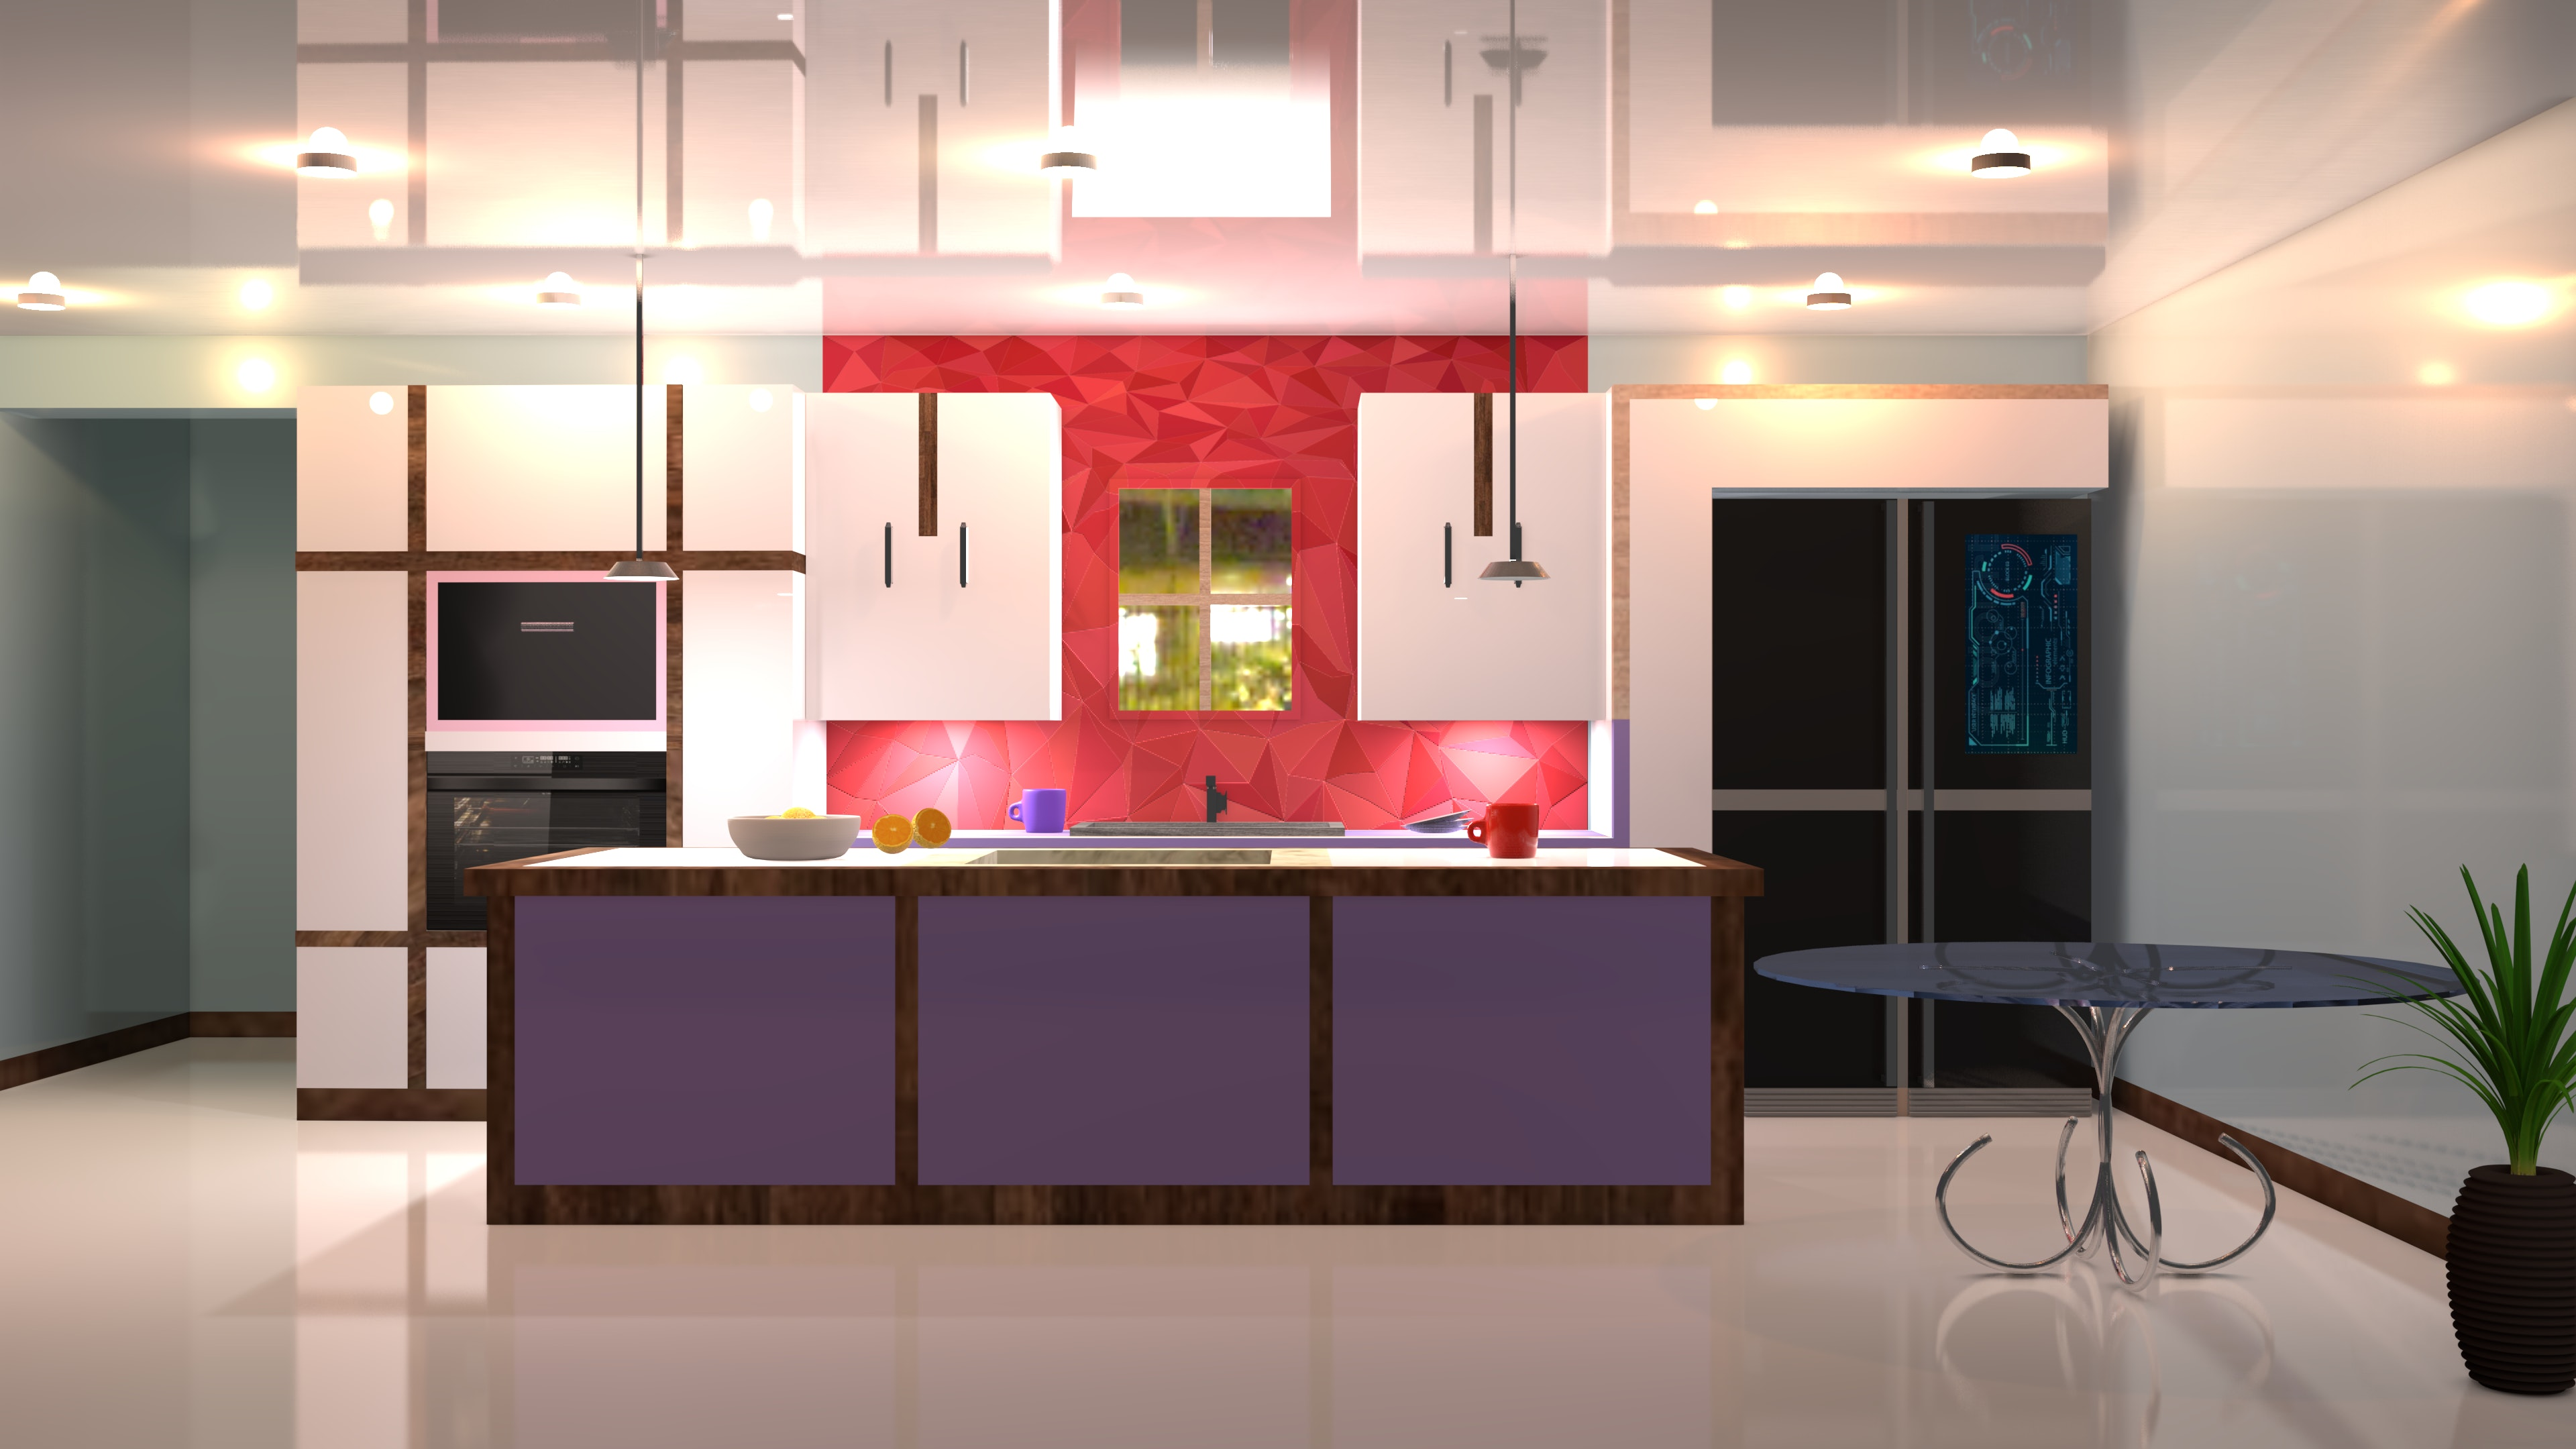 Photo gratuite de cuisine, maison moderne, modèle 3d